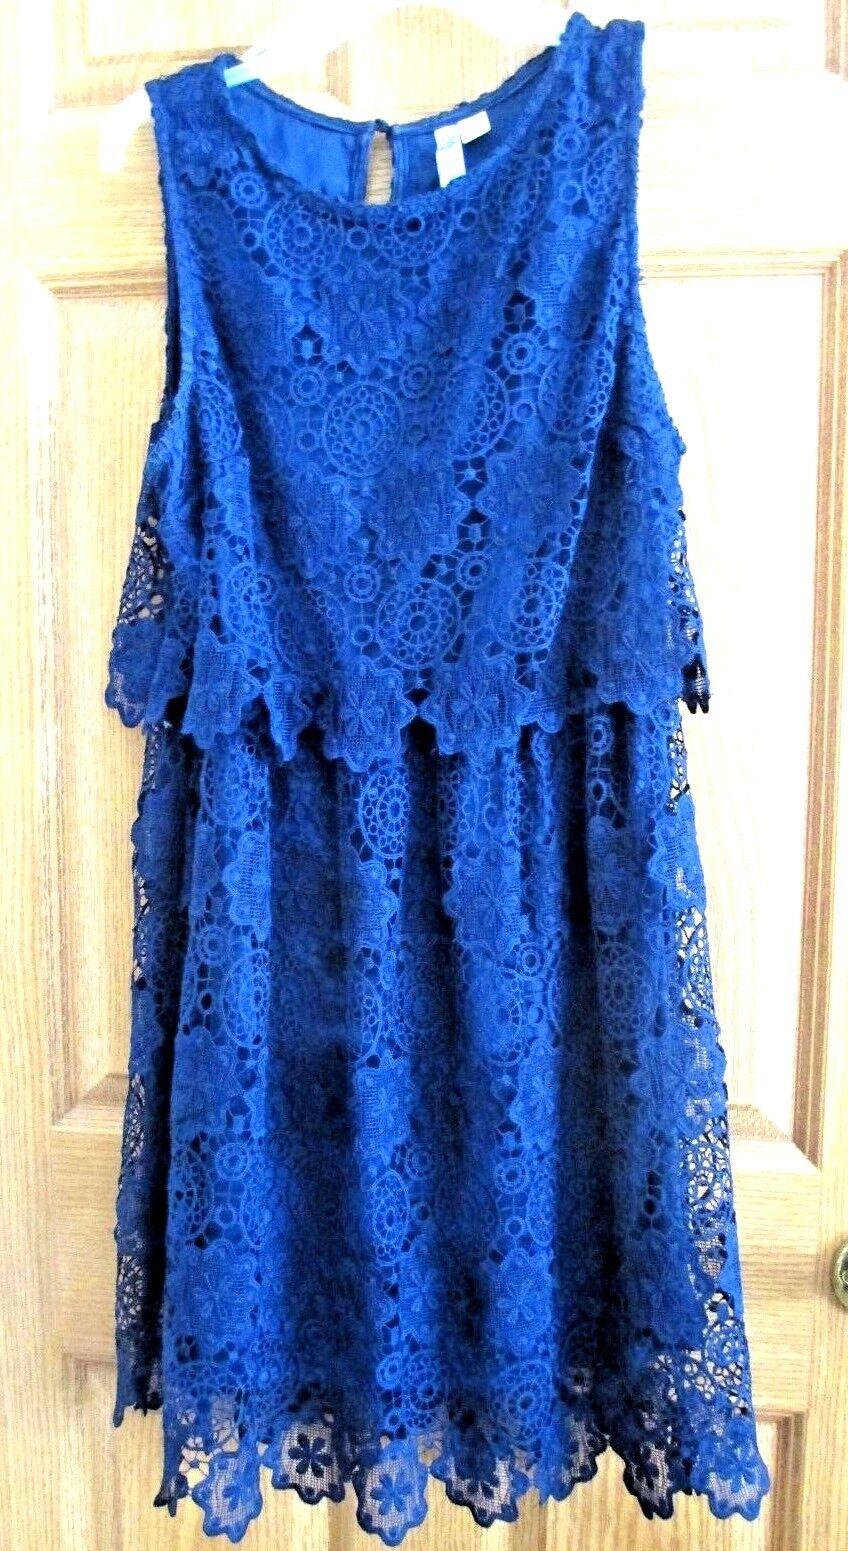 blueE LACE DRESS SIZE L(10) BY ALYA